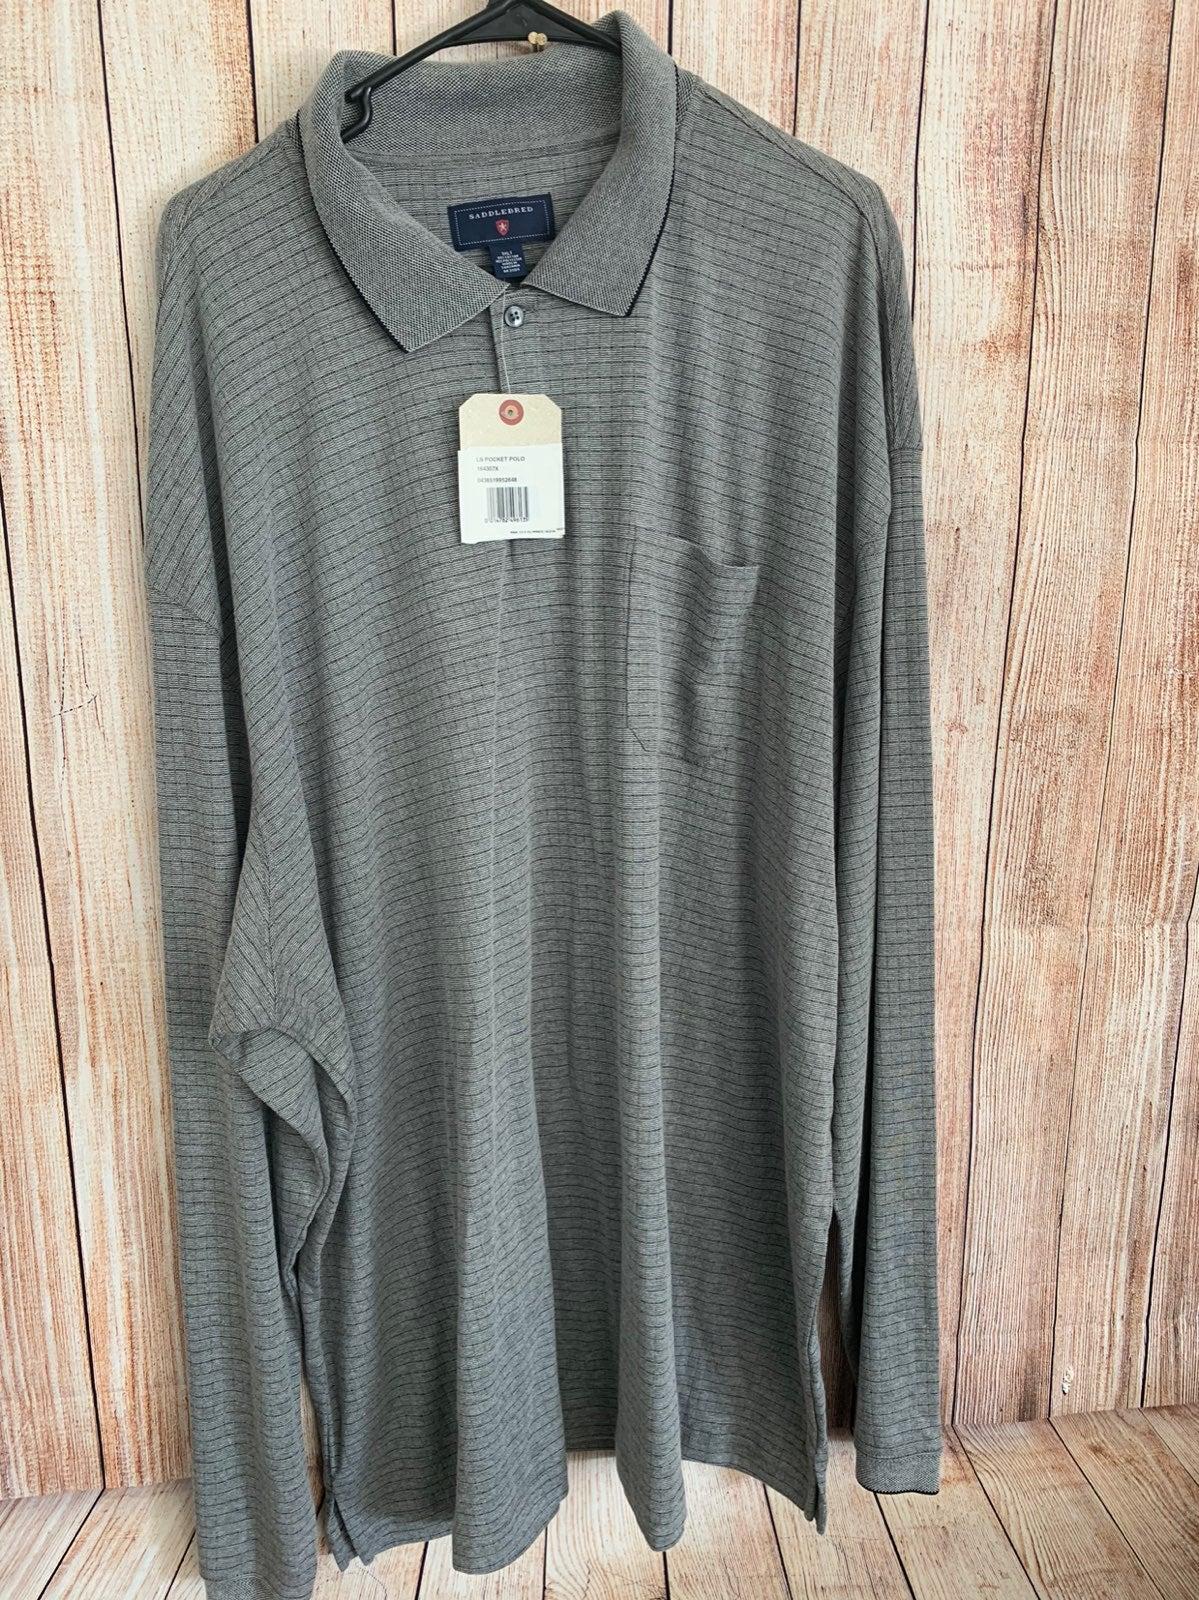 Big and Tall Saddlebred polo shirt